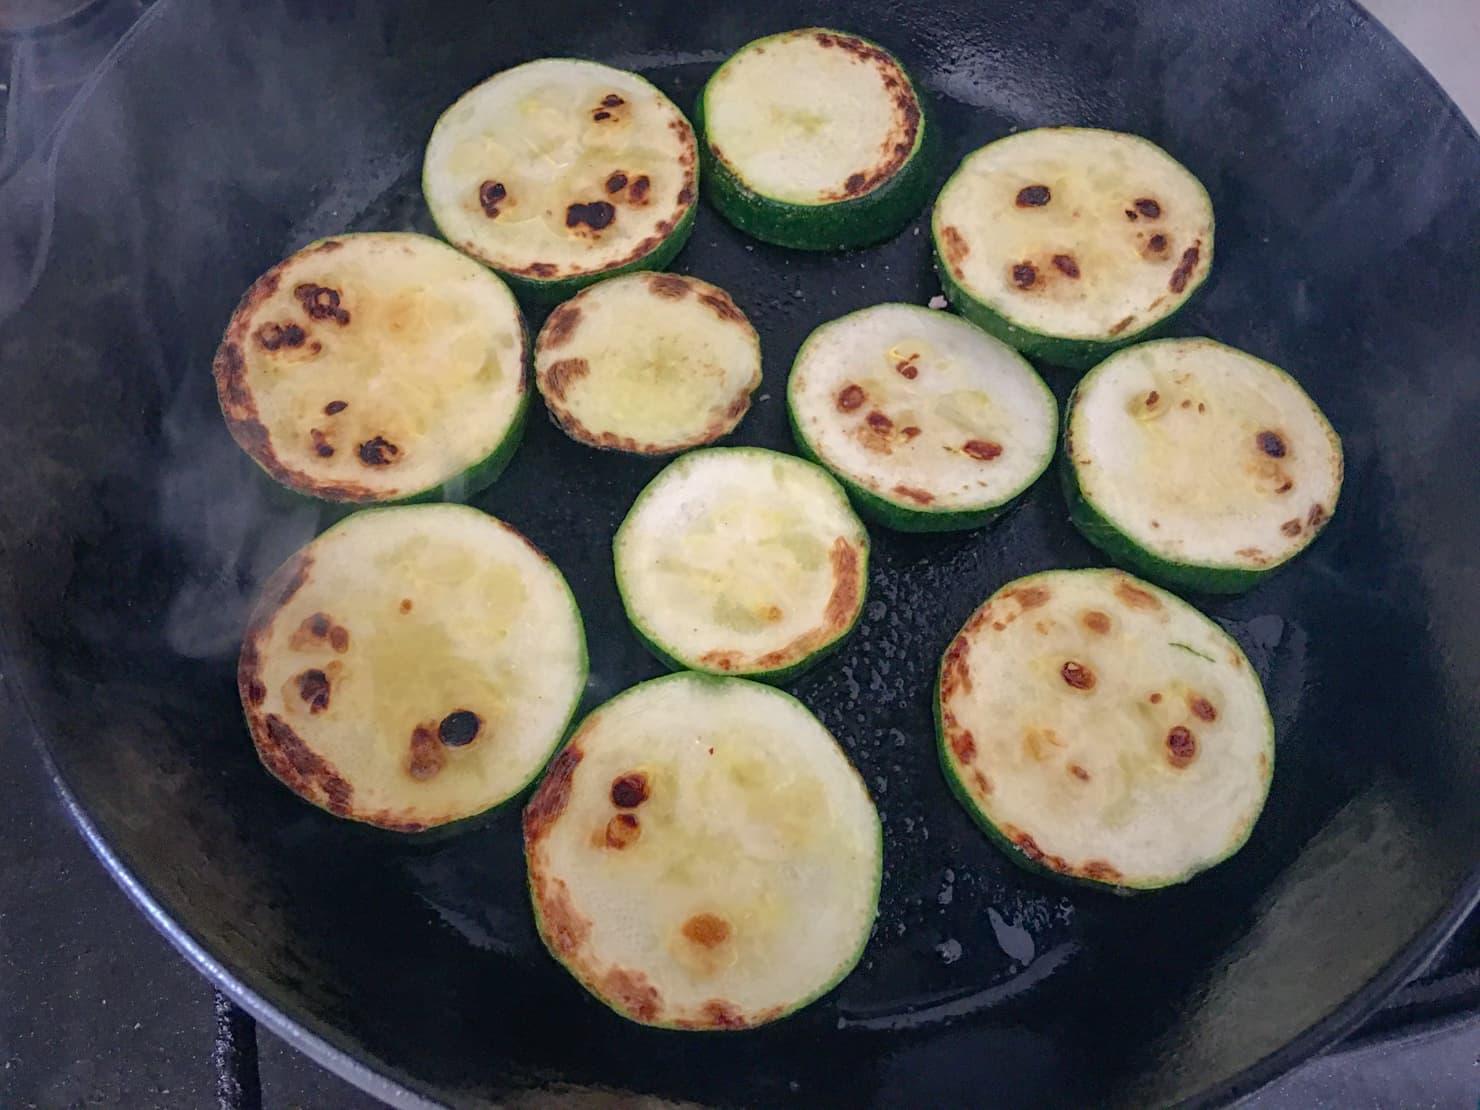 ズッキーニをフライパンで焼いたところの写真